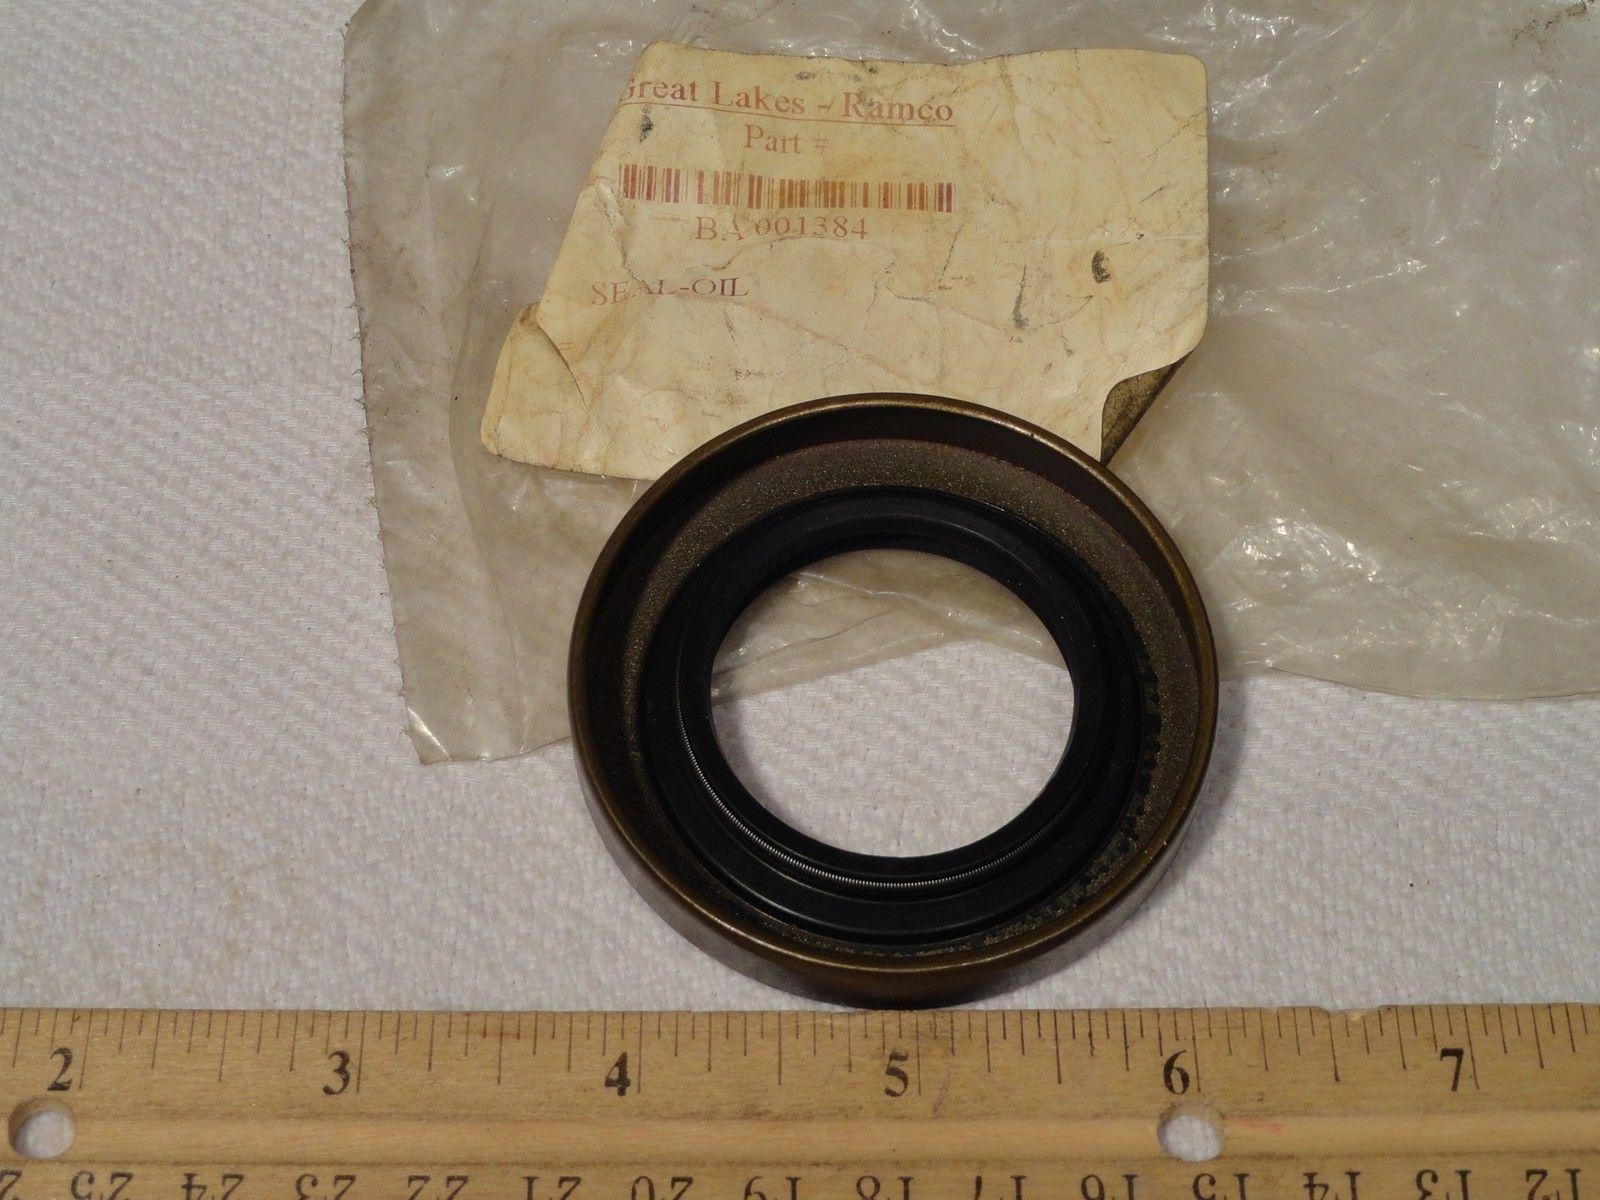 BAKER BA 001384 FORKLIFT SHAFT OIL GREASE SEAL